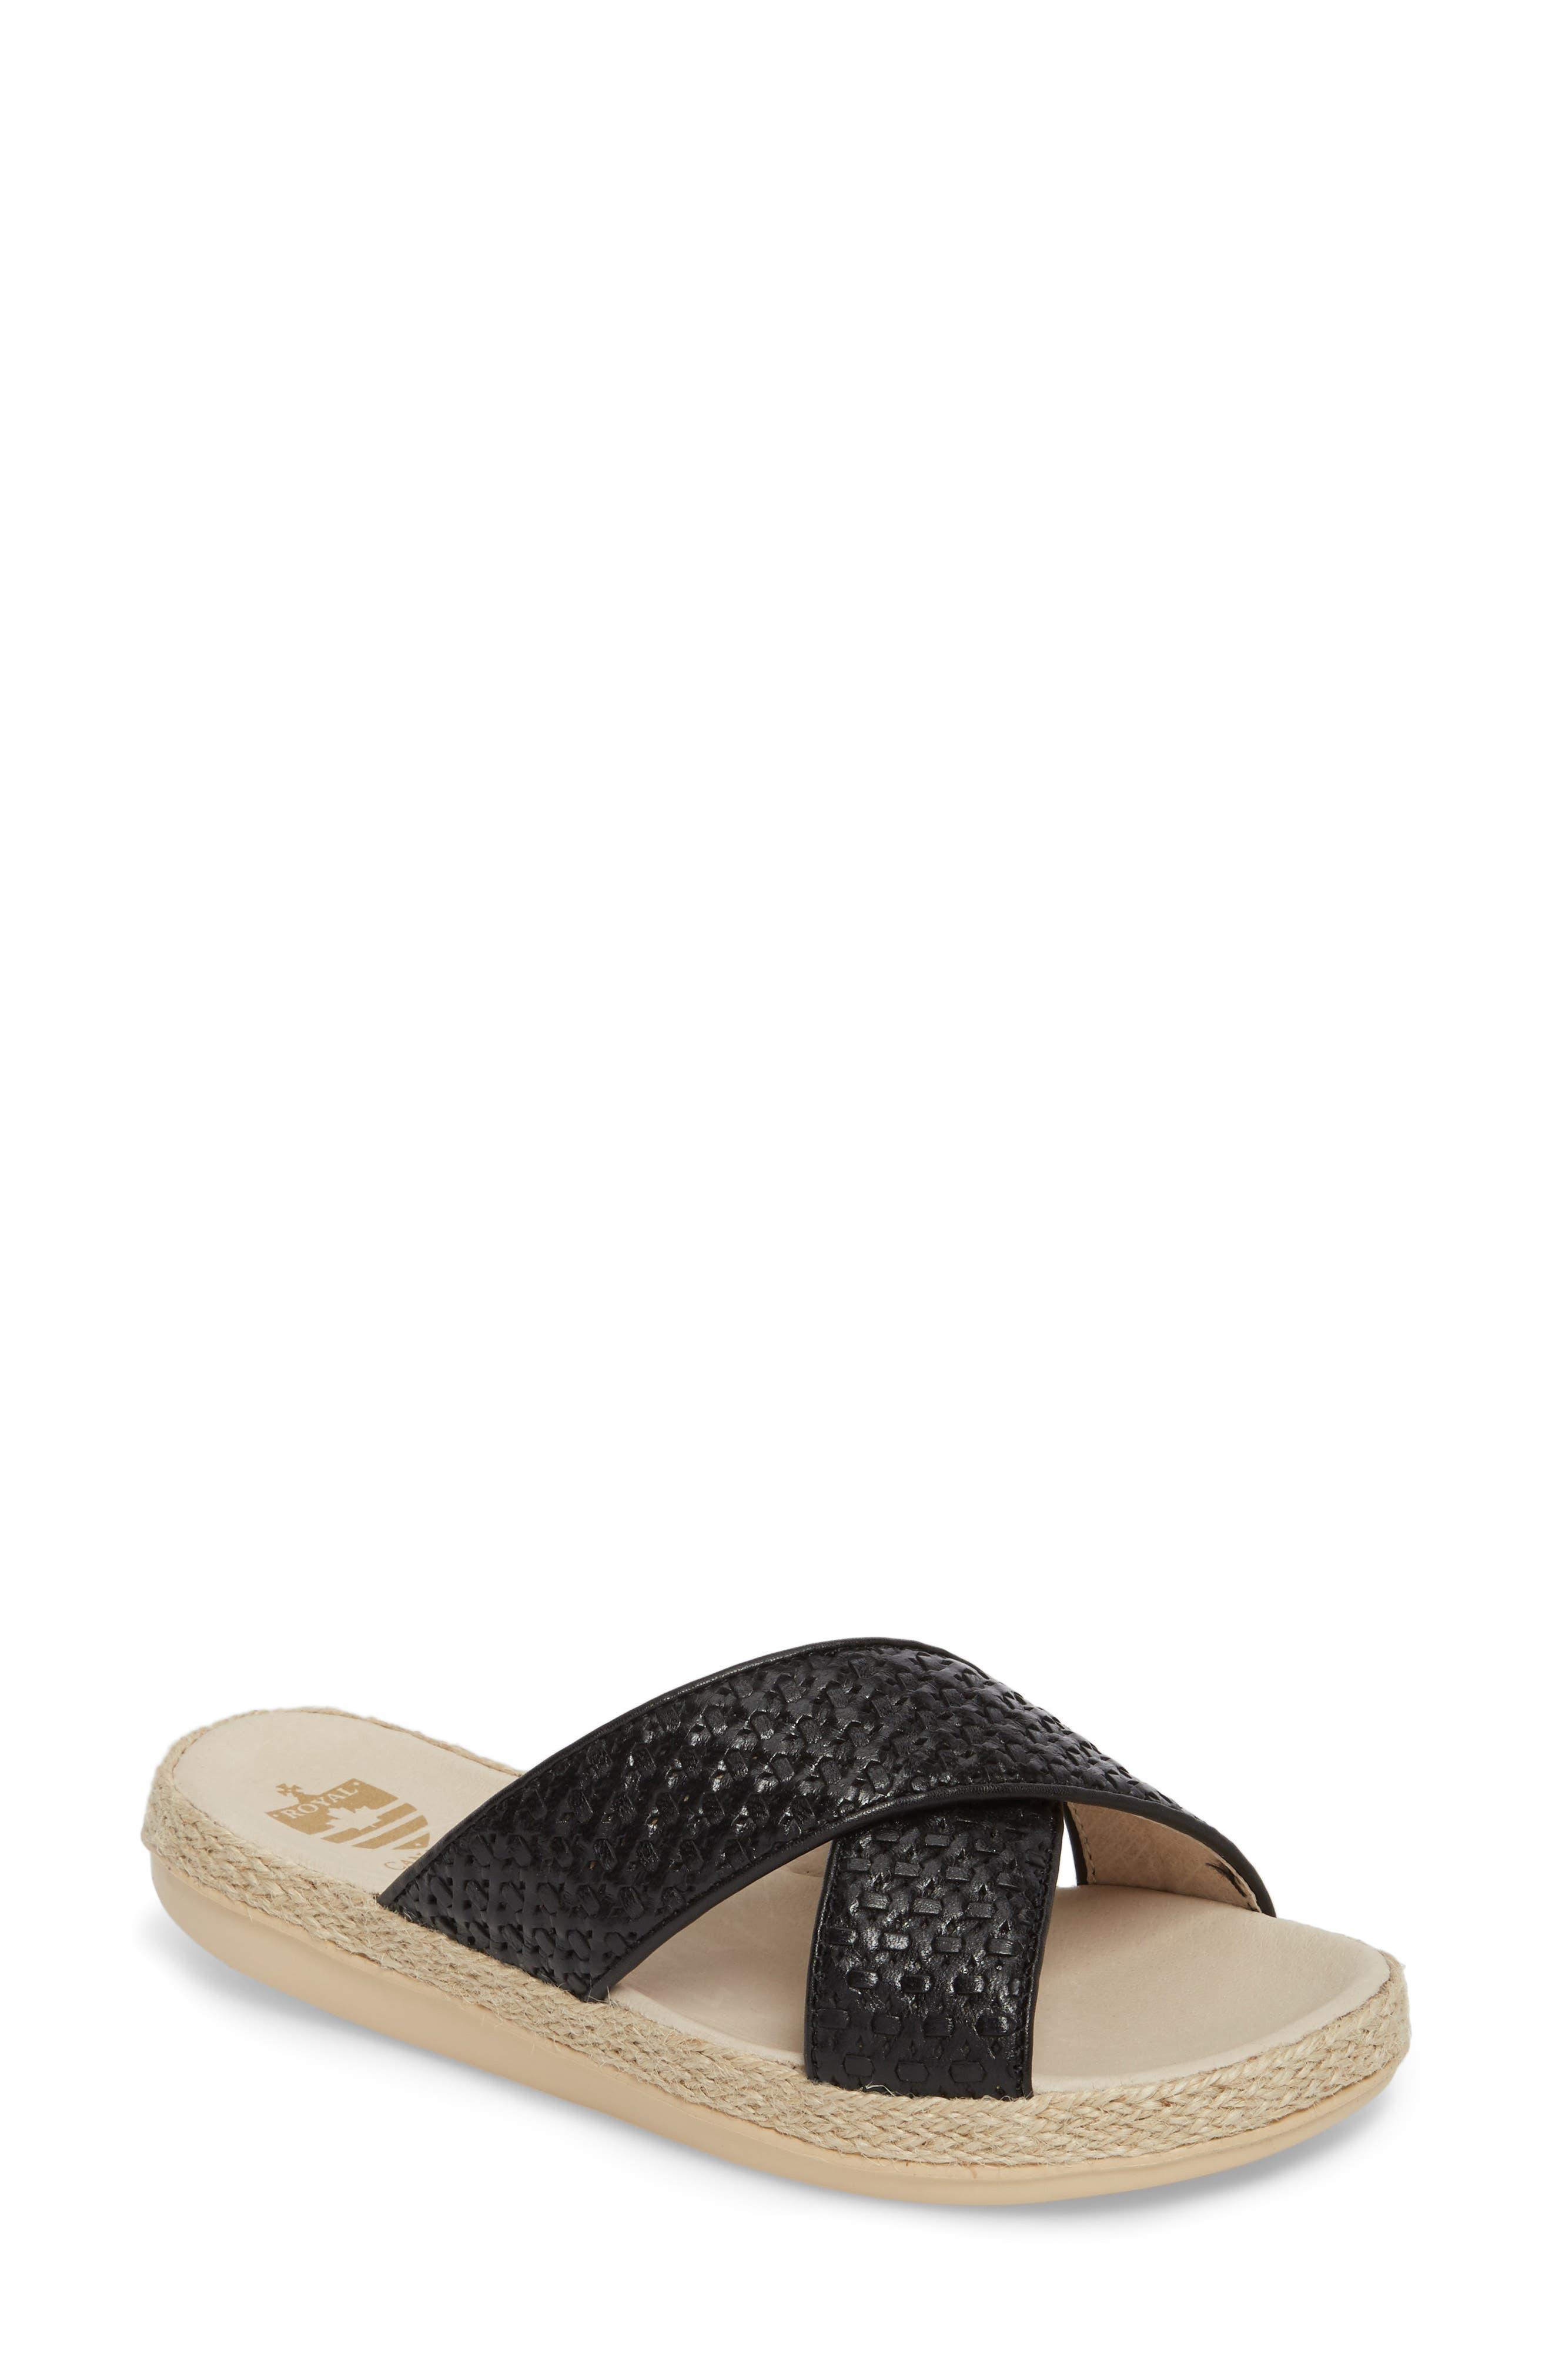 Alternate Image 1 Selected - Royal Canadian Glencairn Sandal (Women)